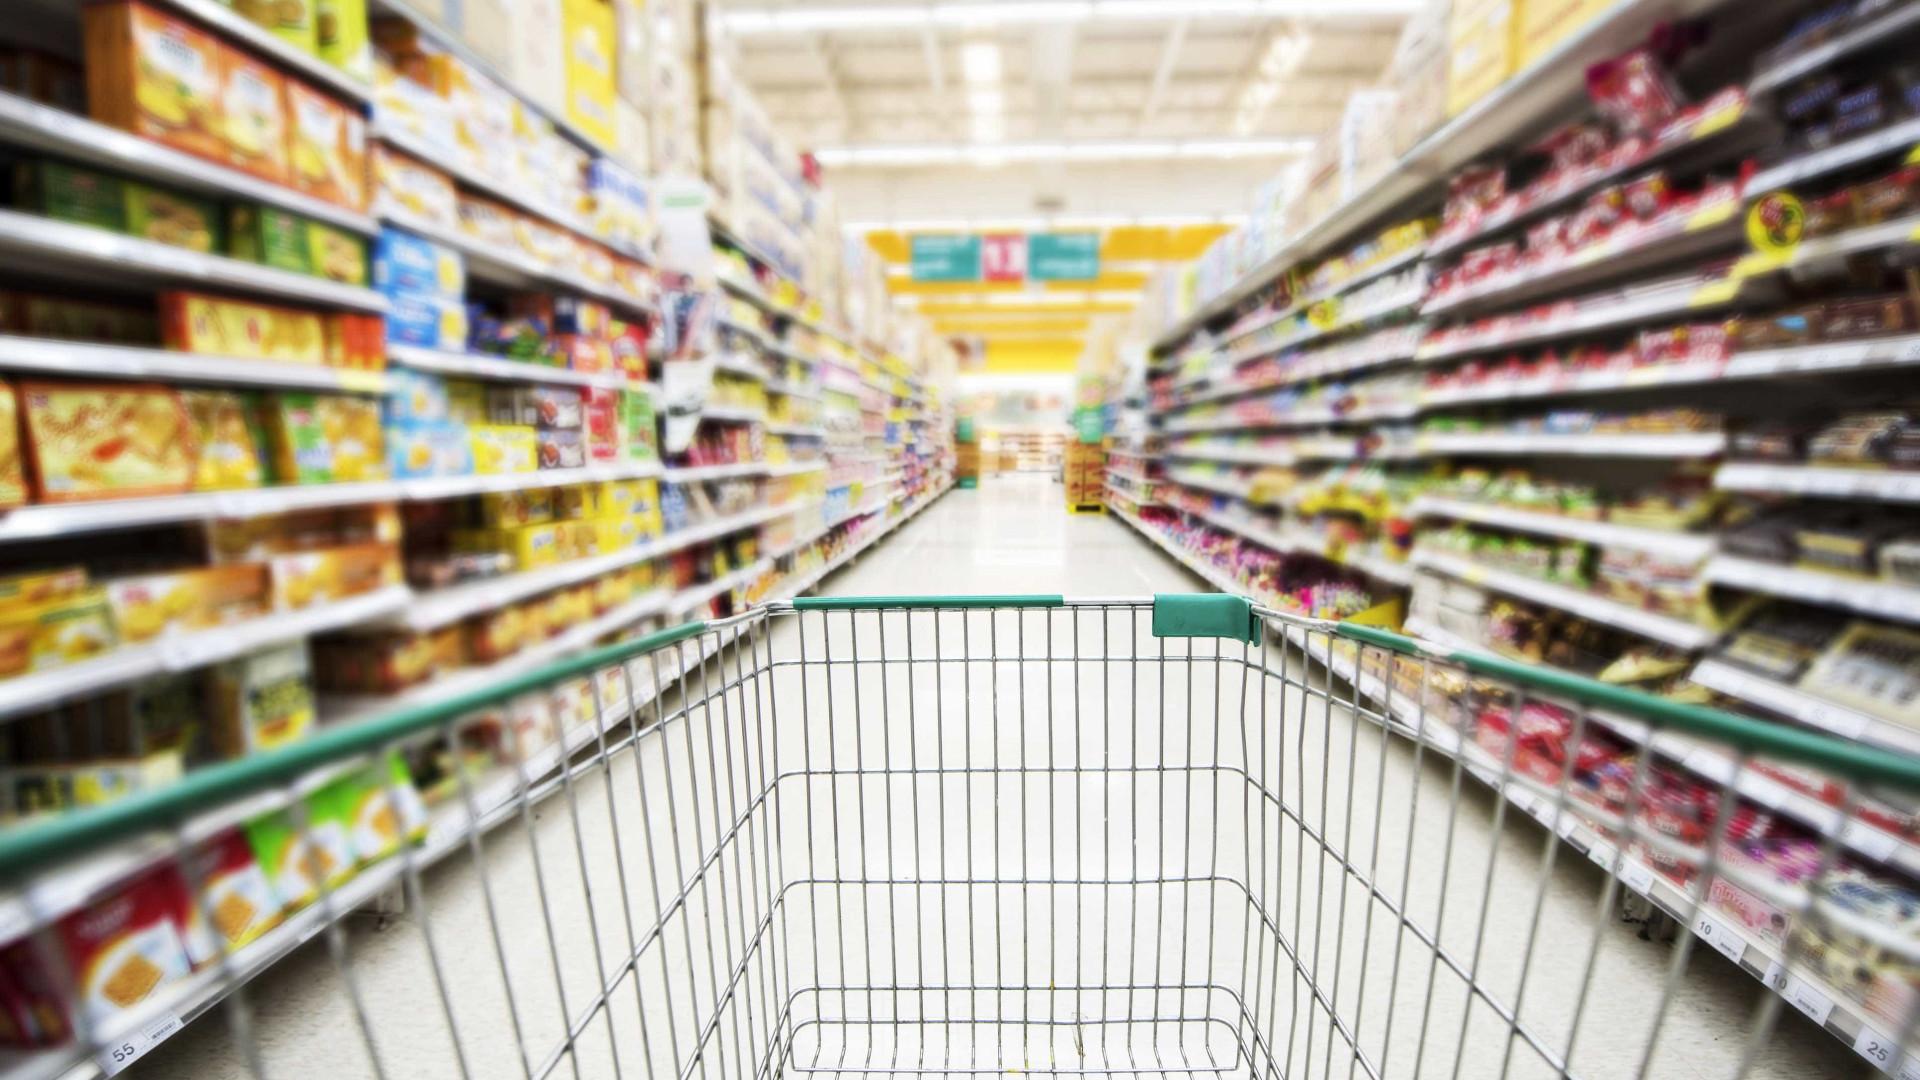 Portugueses dispostos a pagar mais por produtos de marcas de confiança